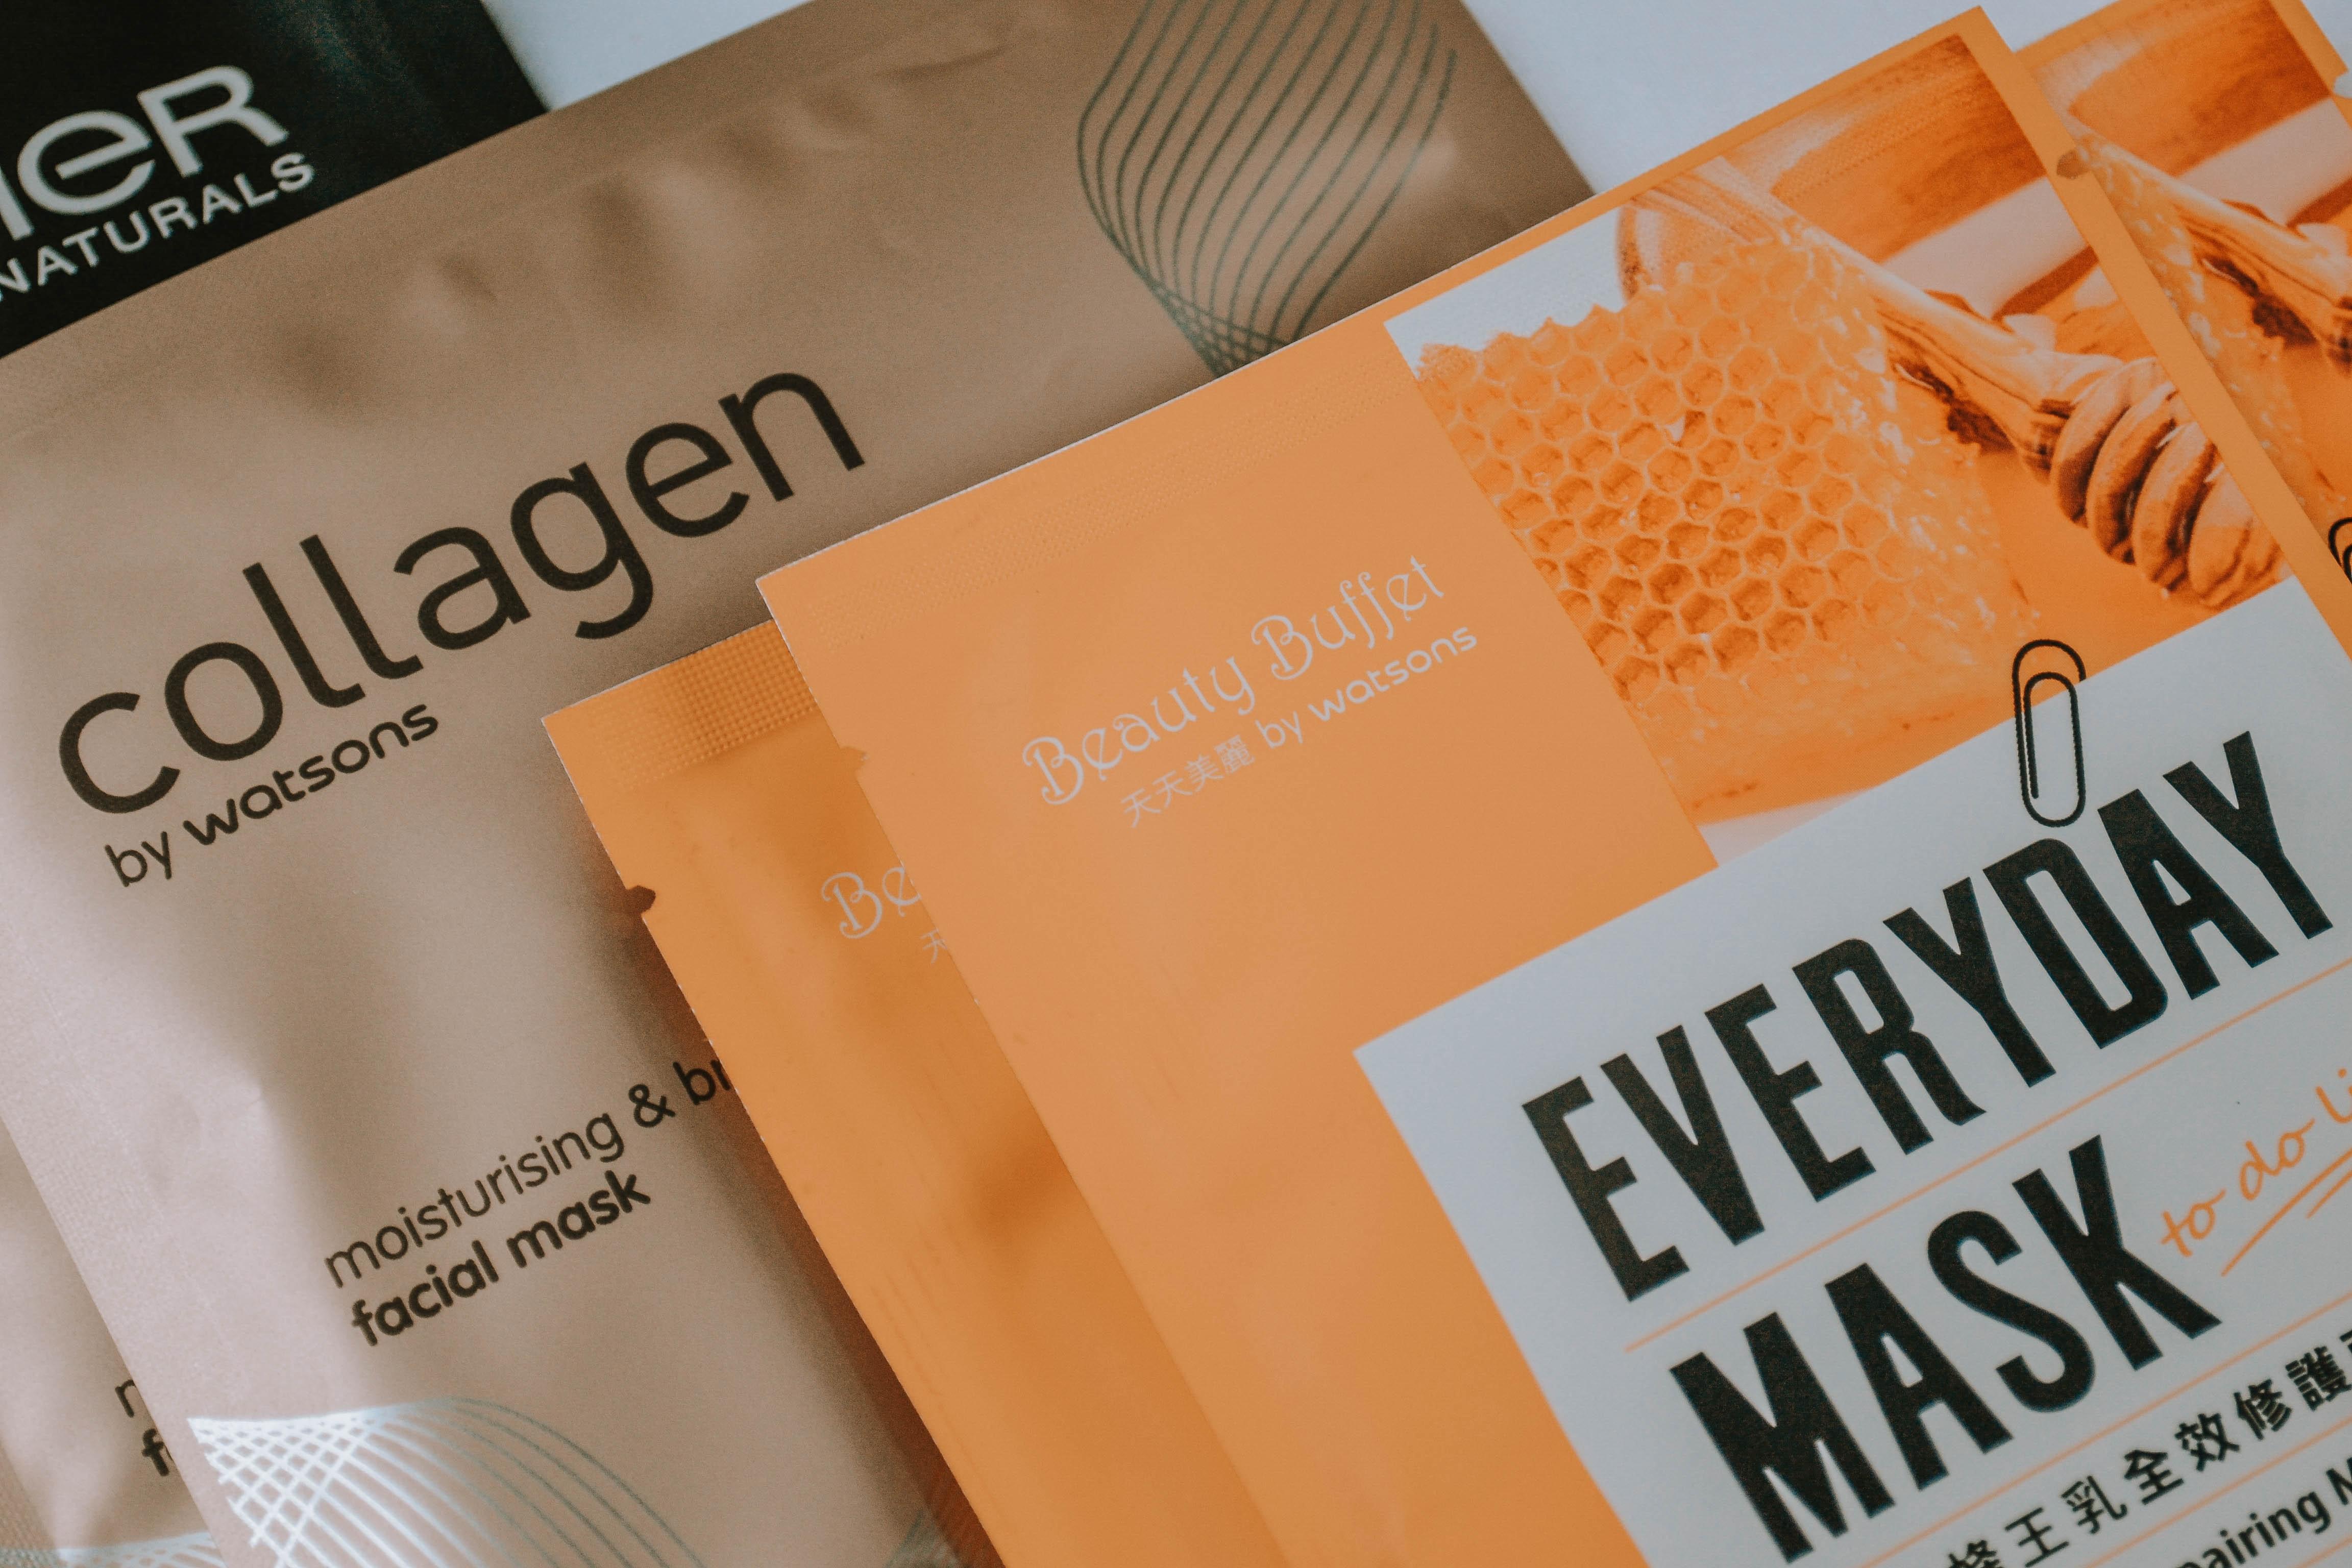 Tuchmasken liegen im Trend. Dabei gehören Einwegprodukte in der Kosmetik sicher nicht in den Bereich der nachhaltigen Pflege. Fotocredit: © Wander Fleur/Unsplash